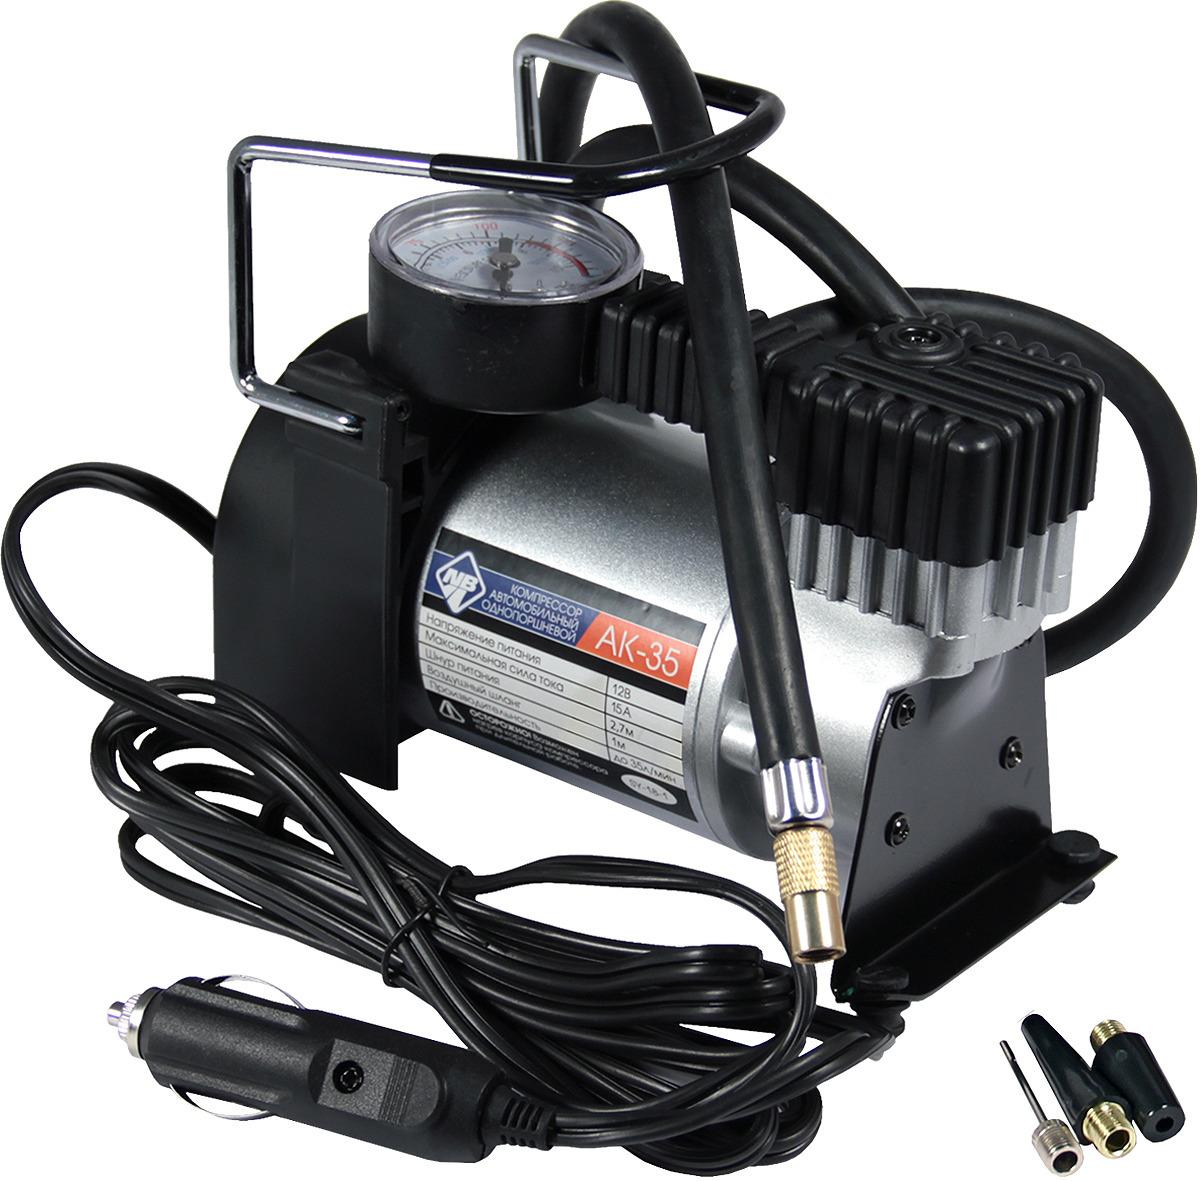 Автомобильный компрессор Nova Bright, 46948, 30 л/мин, 150 PSI, 12В